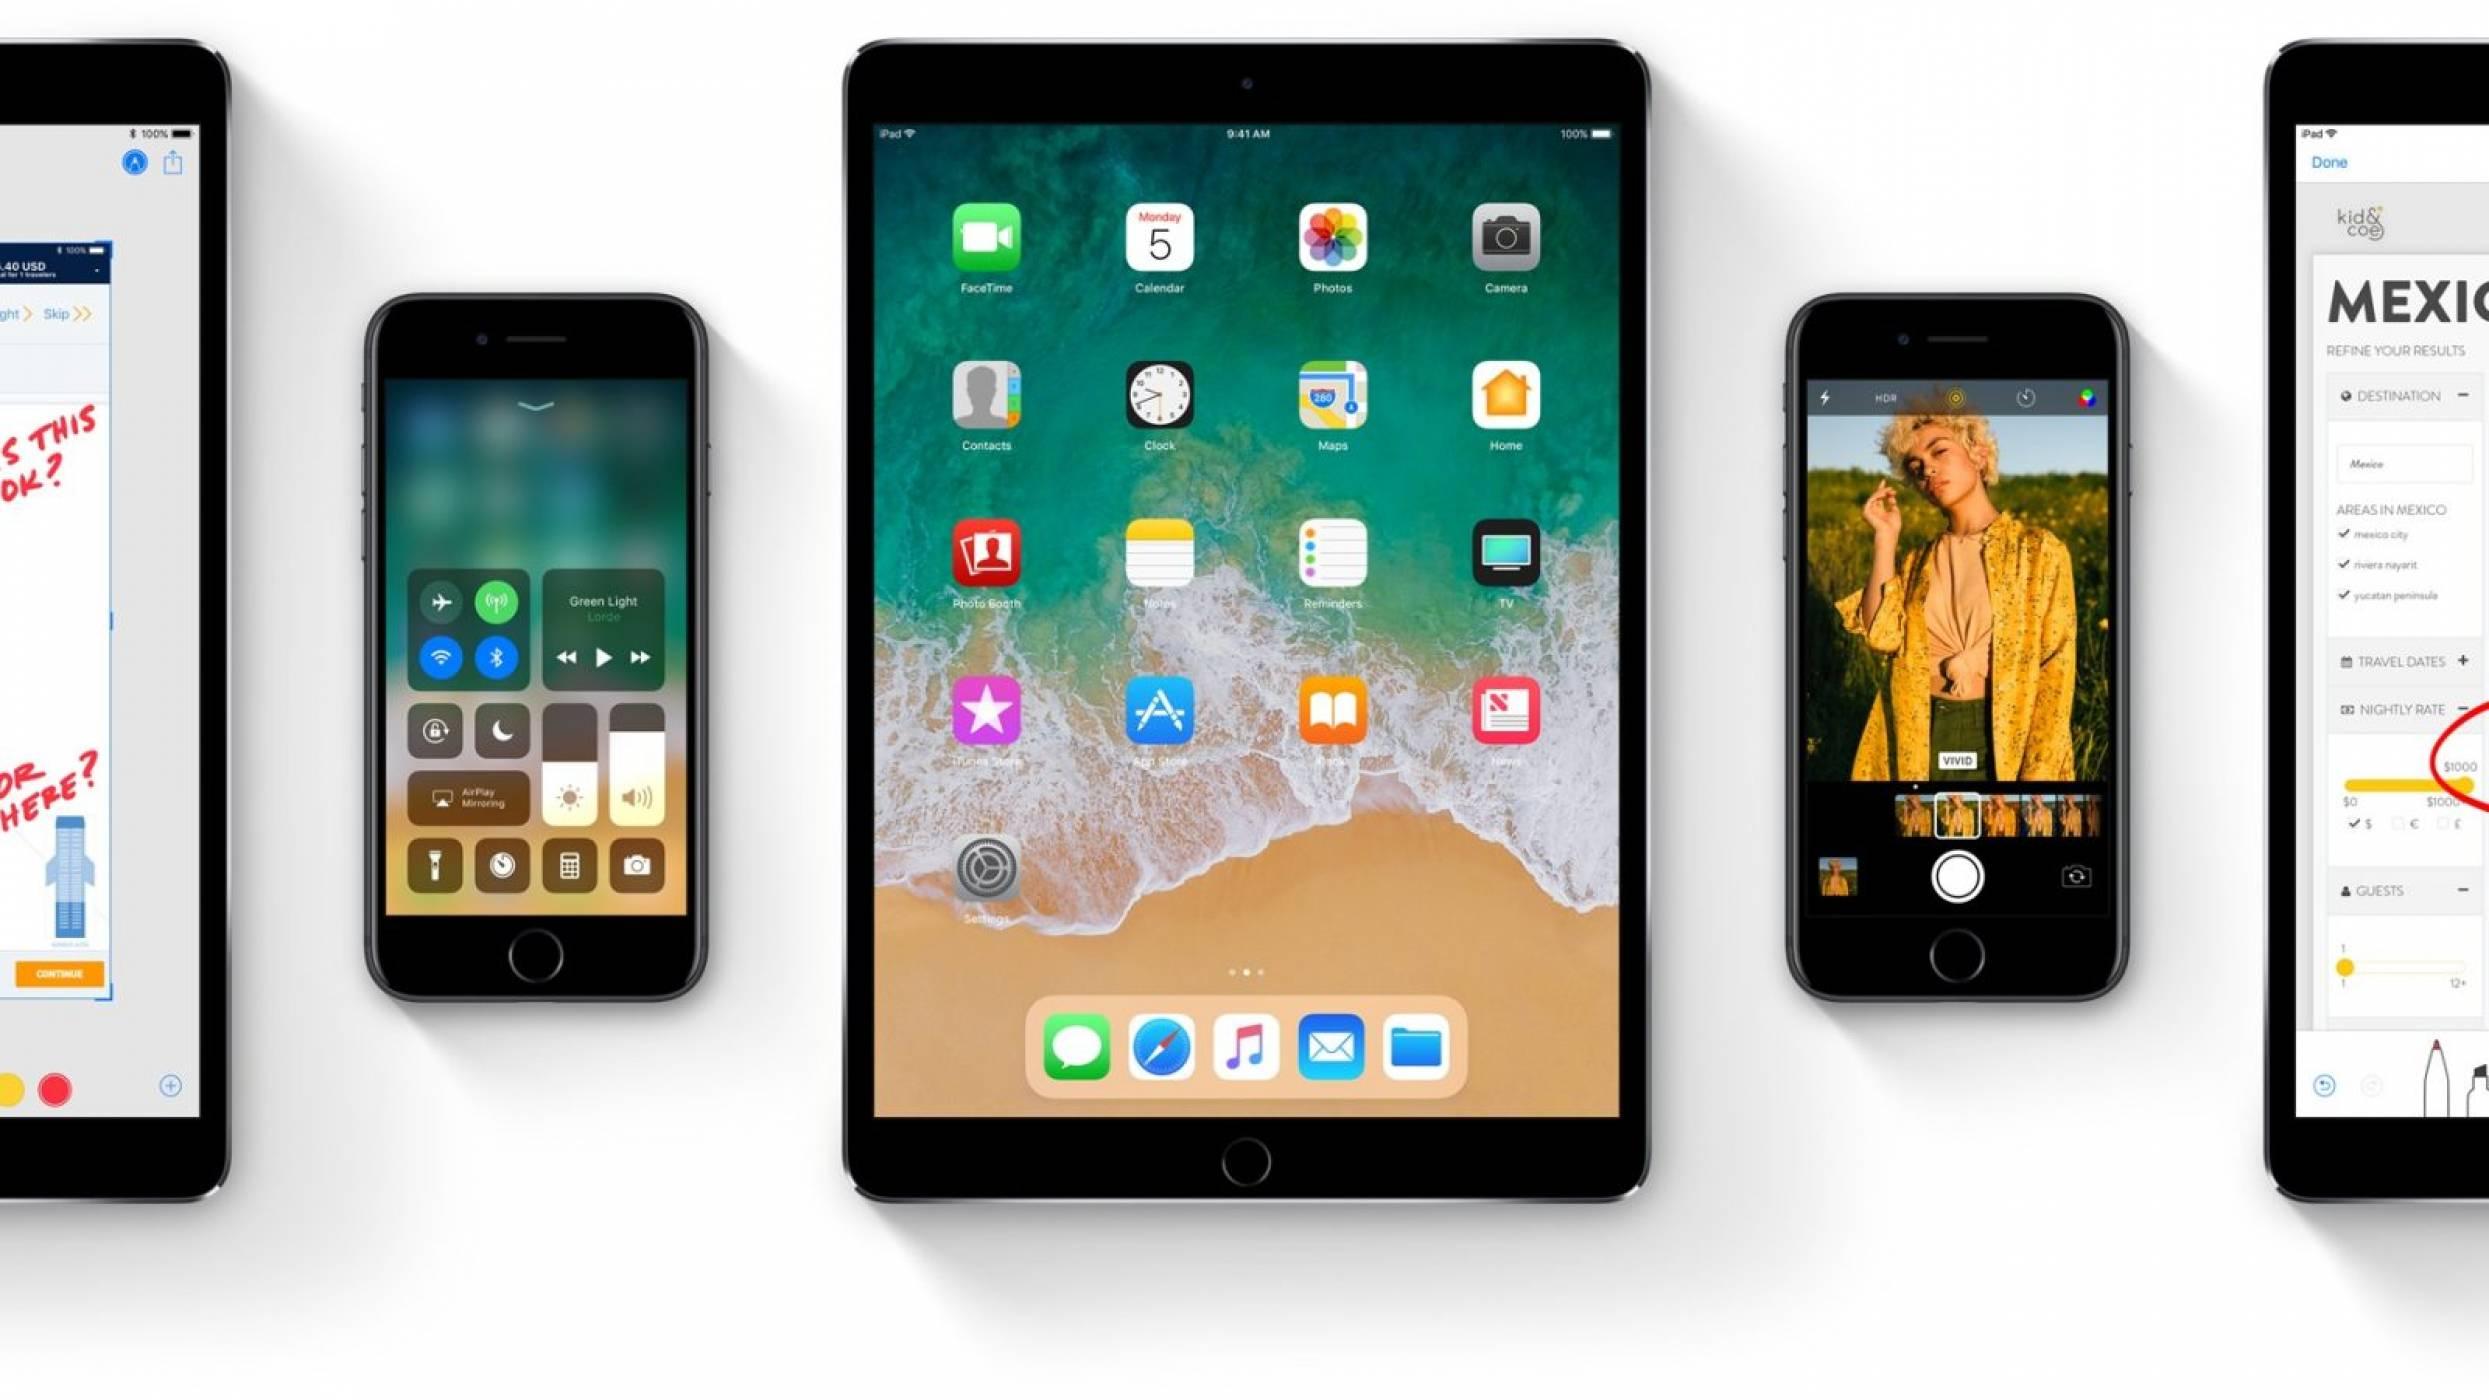 11 нови функции на iOS 11 за вашия iPhone или iPad